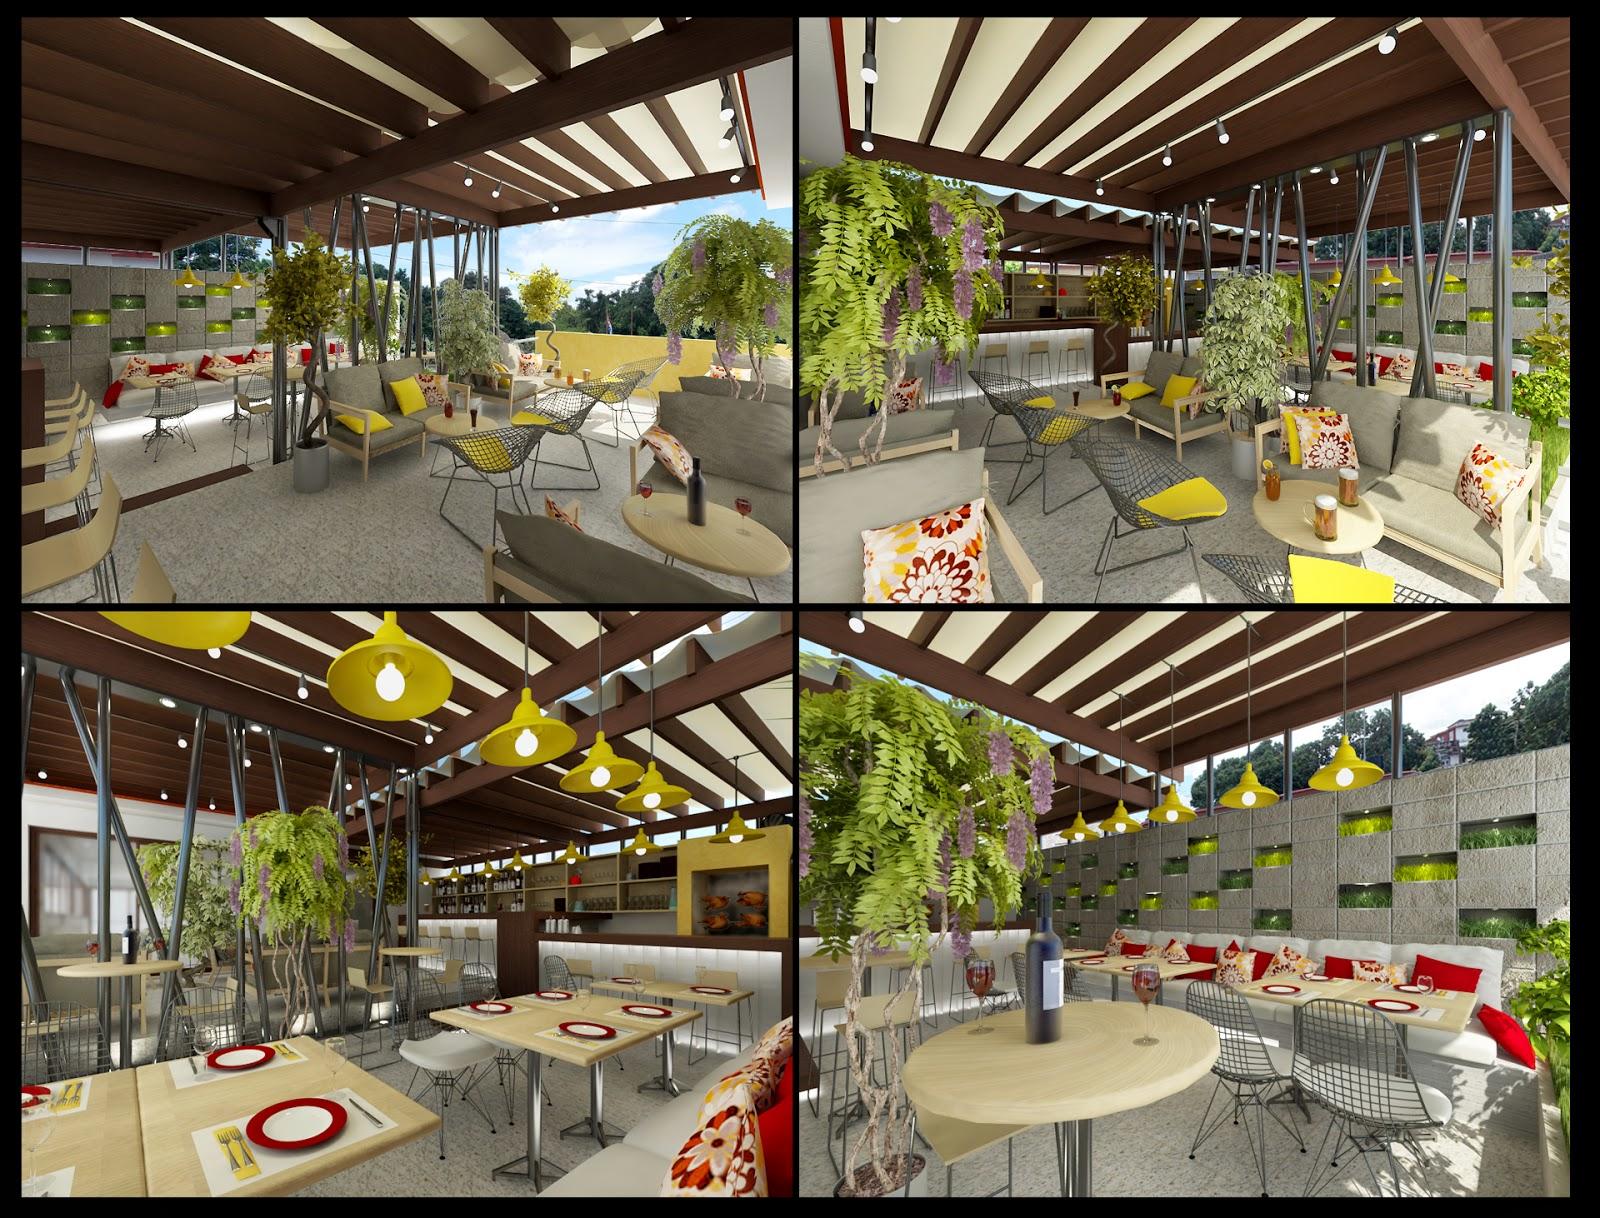 Dag arquitectos restaurante montebarreto for Restaurantes modernos exterior